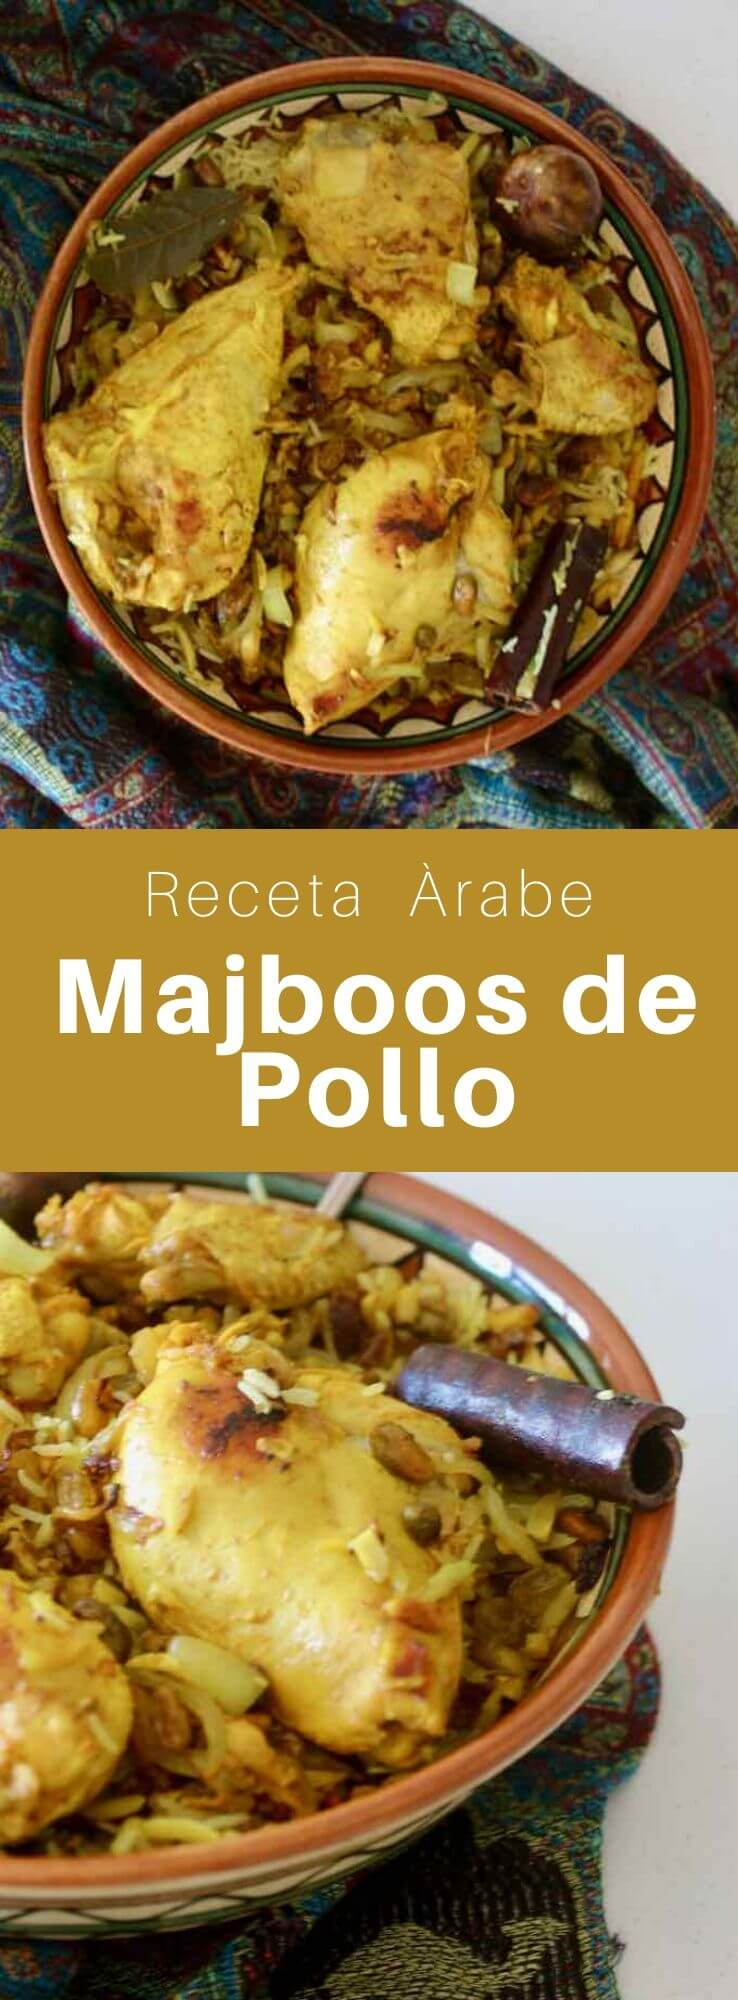 El majboos de pollo (chicken majboos) es un delicioso plato tradicional de arroz árabe con especias, que es similar al biryani indio.